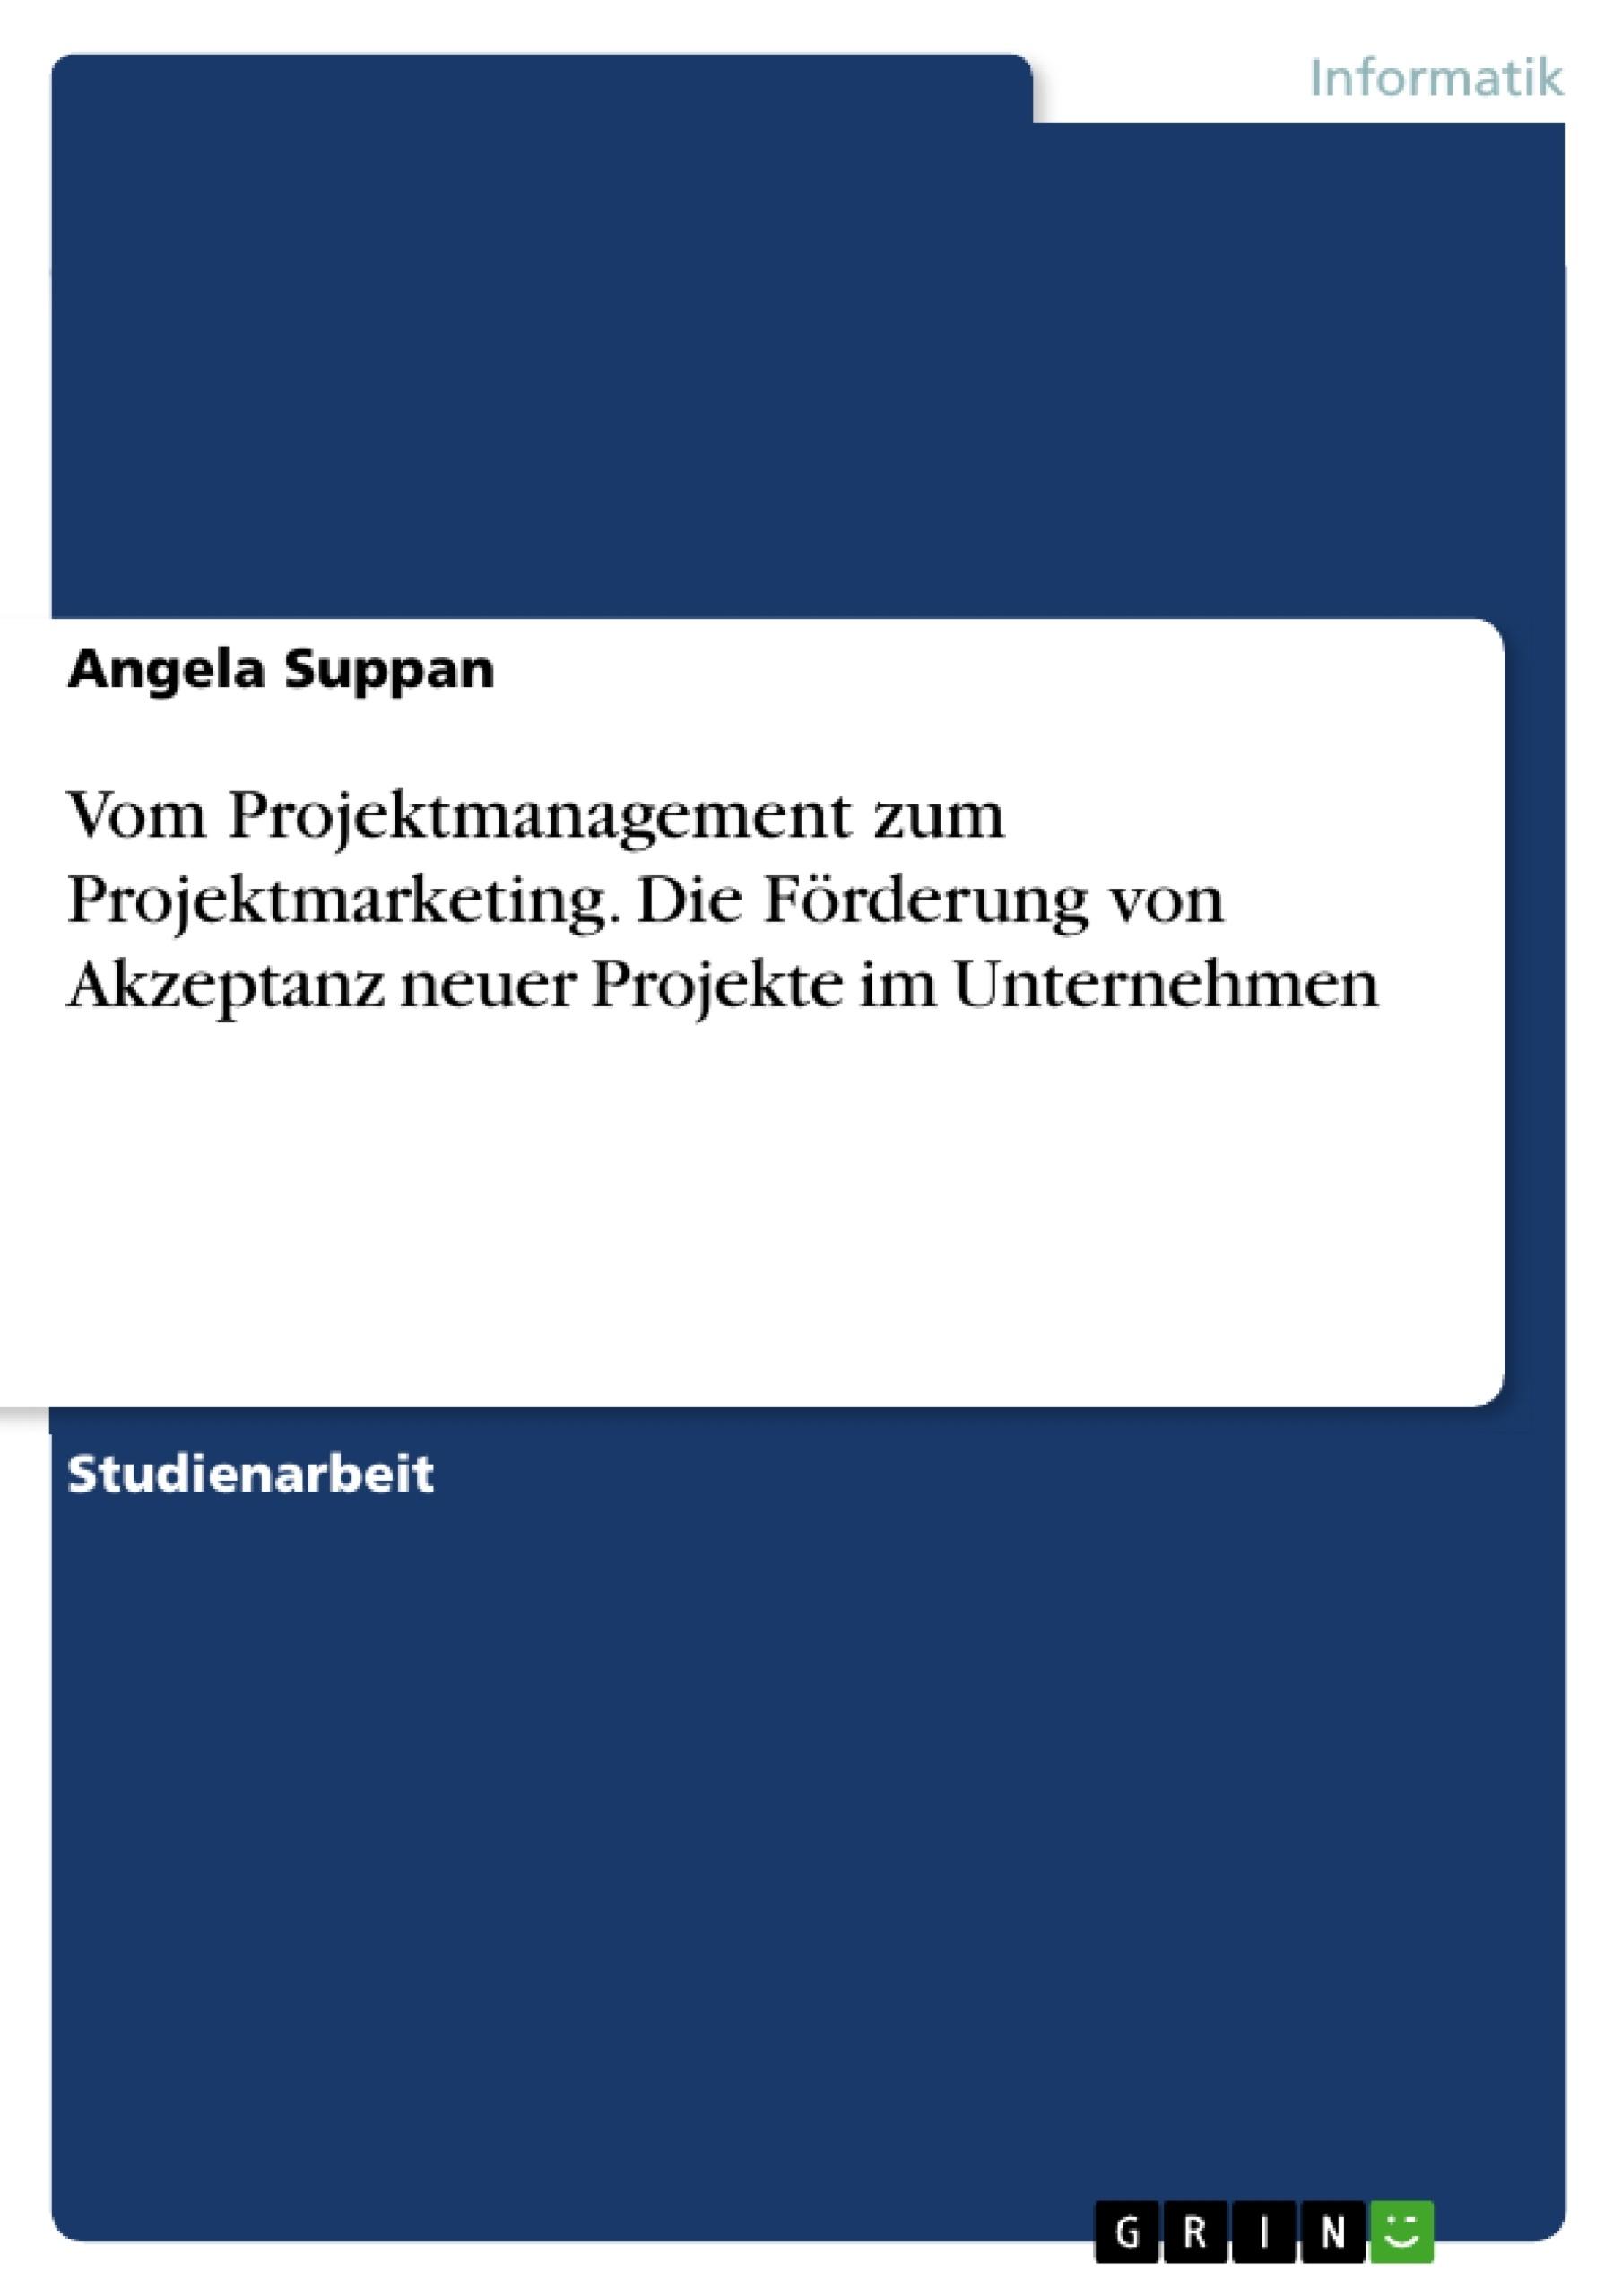 Titel: Vom Projektmanagement zum Projektmarketing. Die Förderung von Akzeptanz neuer Projekte im Unternehmen